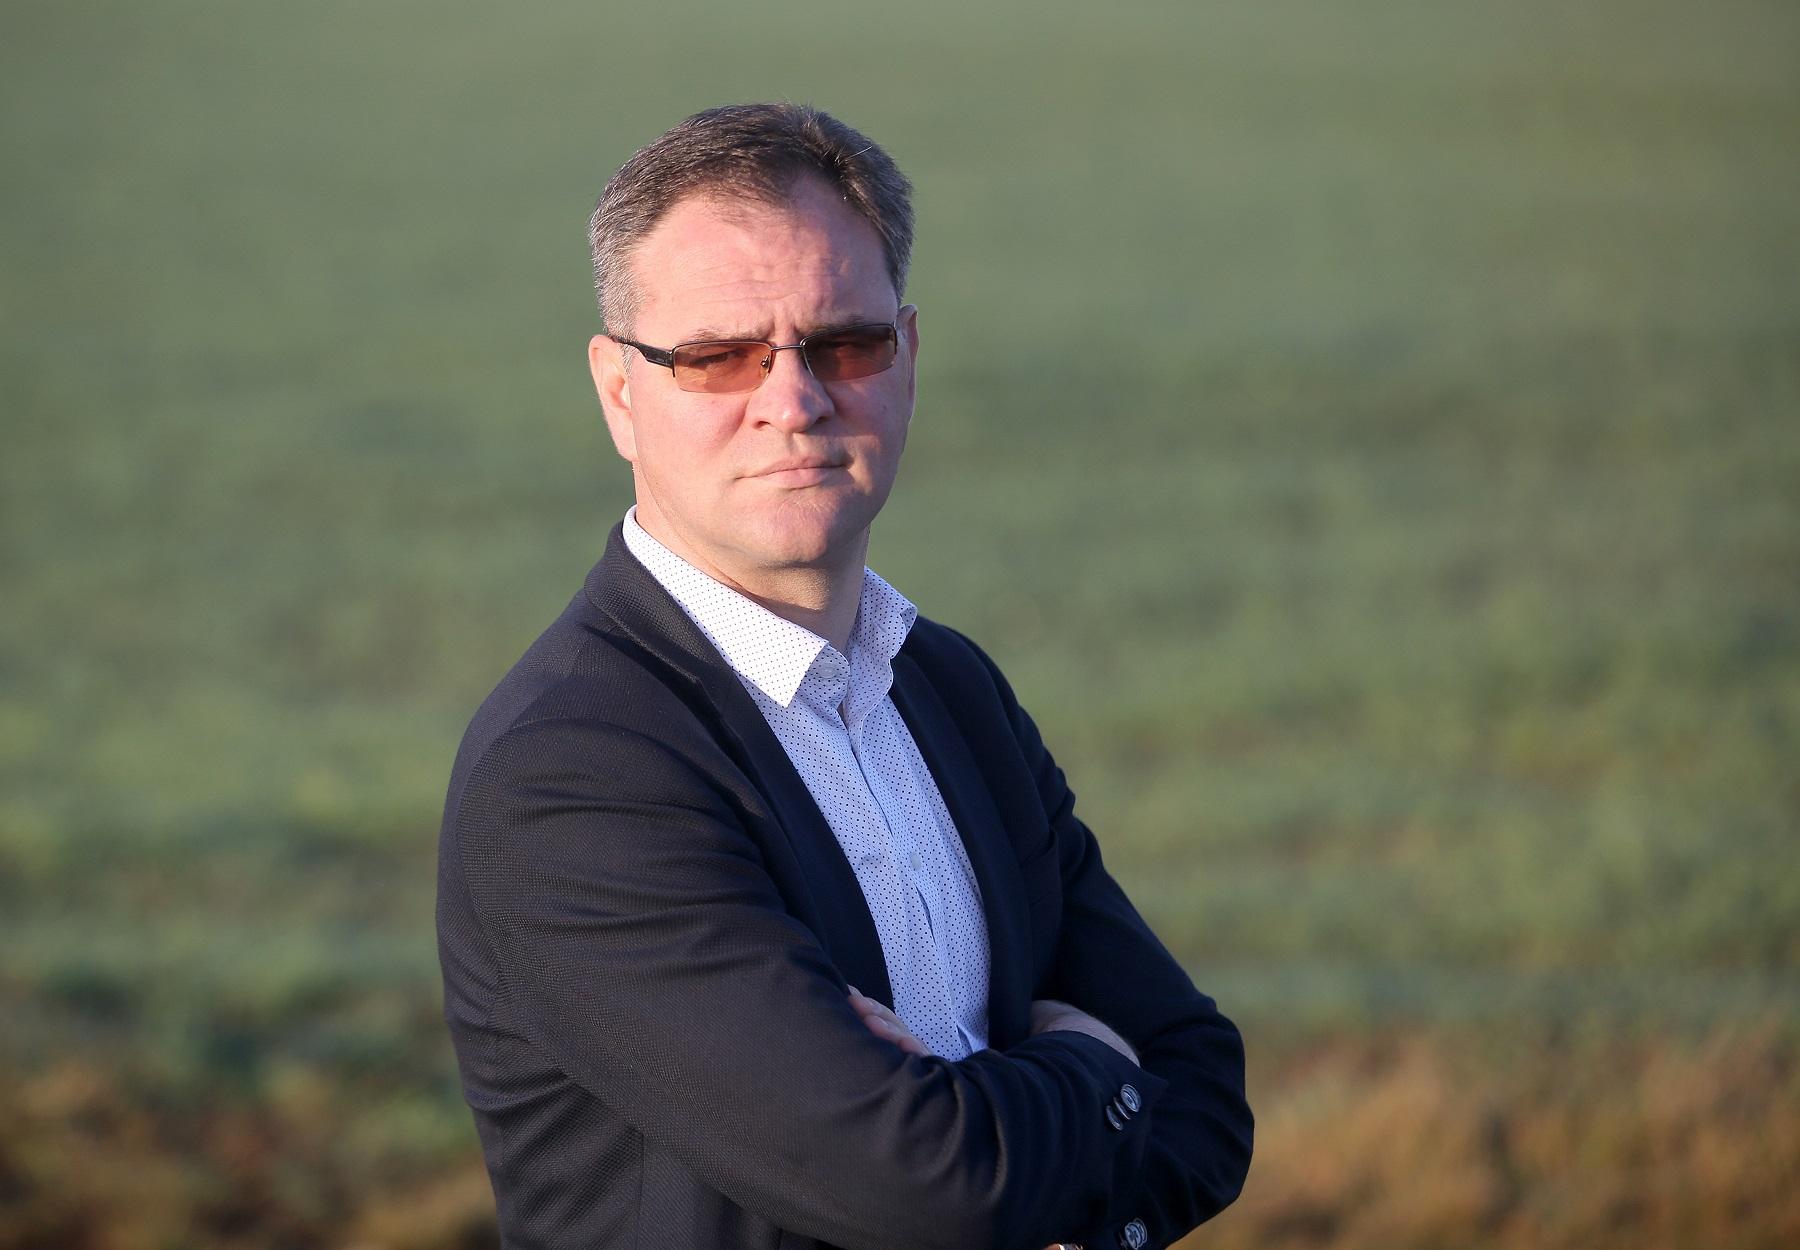 """Bendrovės """"Krekenava"""" direktorius Vaidas Lebedys: """"Diegdami naujas technologijas visada atsižvelgiame į jų poveikį gamtai. Džiugu, kad reguliuojamos drenažo sistemos ne tik nekenkia jai, bet ir sprendžia aplinkosaugines problemas."""""""